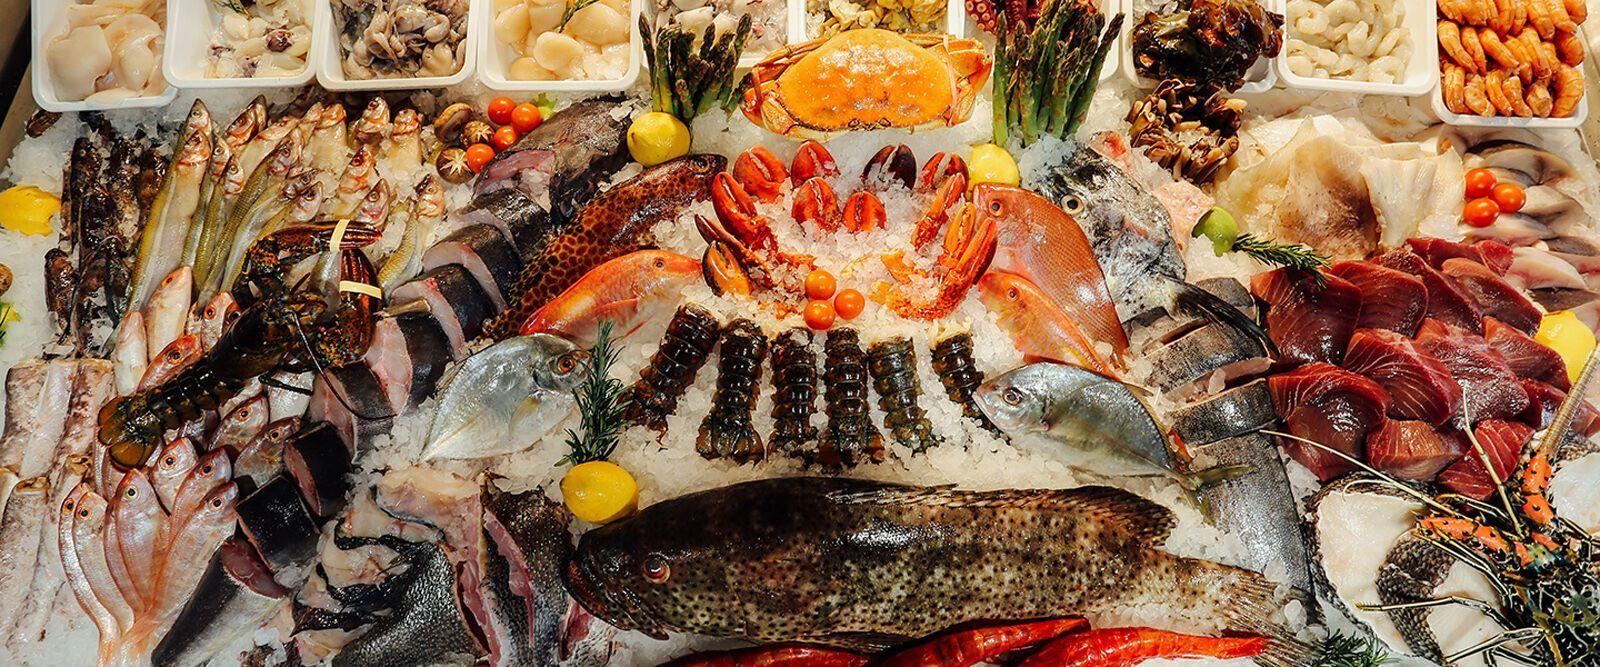 Обращайте внимание на глаза и жабры рыбы.